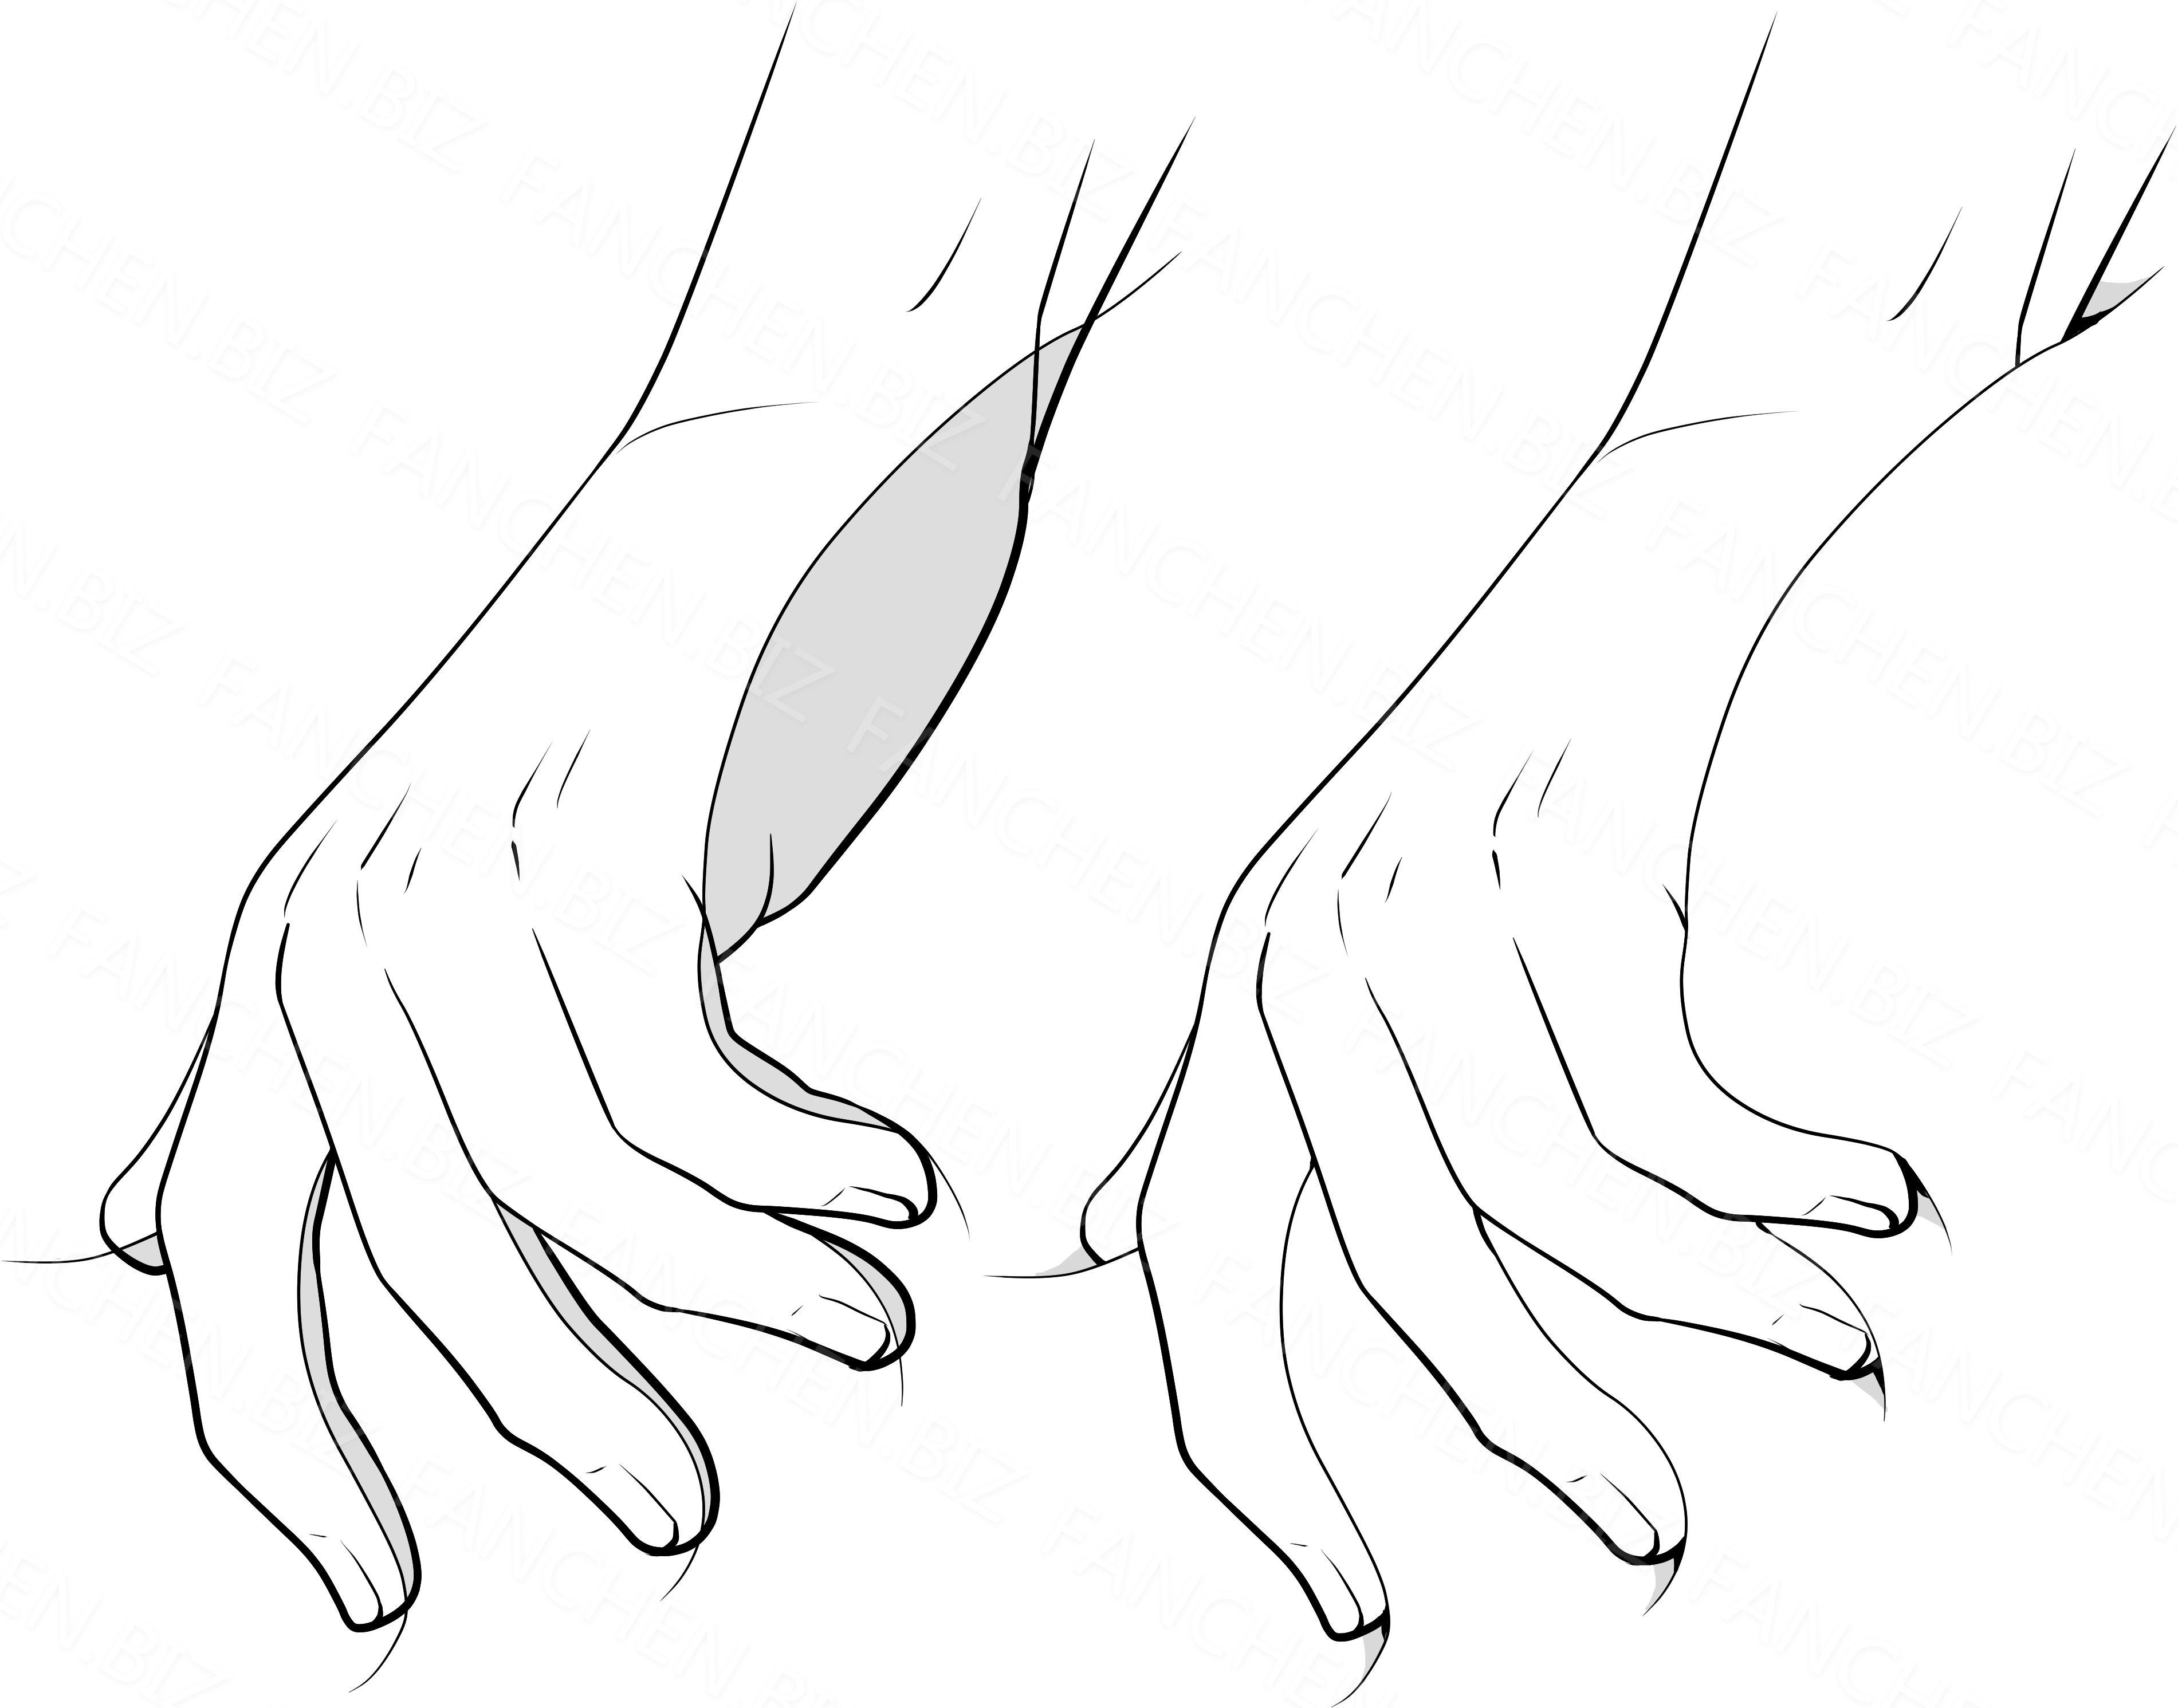 绘画参考 二次元情侣运动人体形态手绘教程合集 附PSD 1.06G-FANCHENBIZ